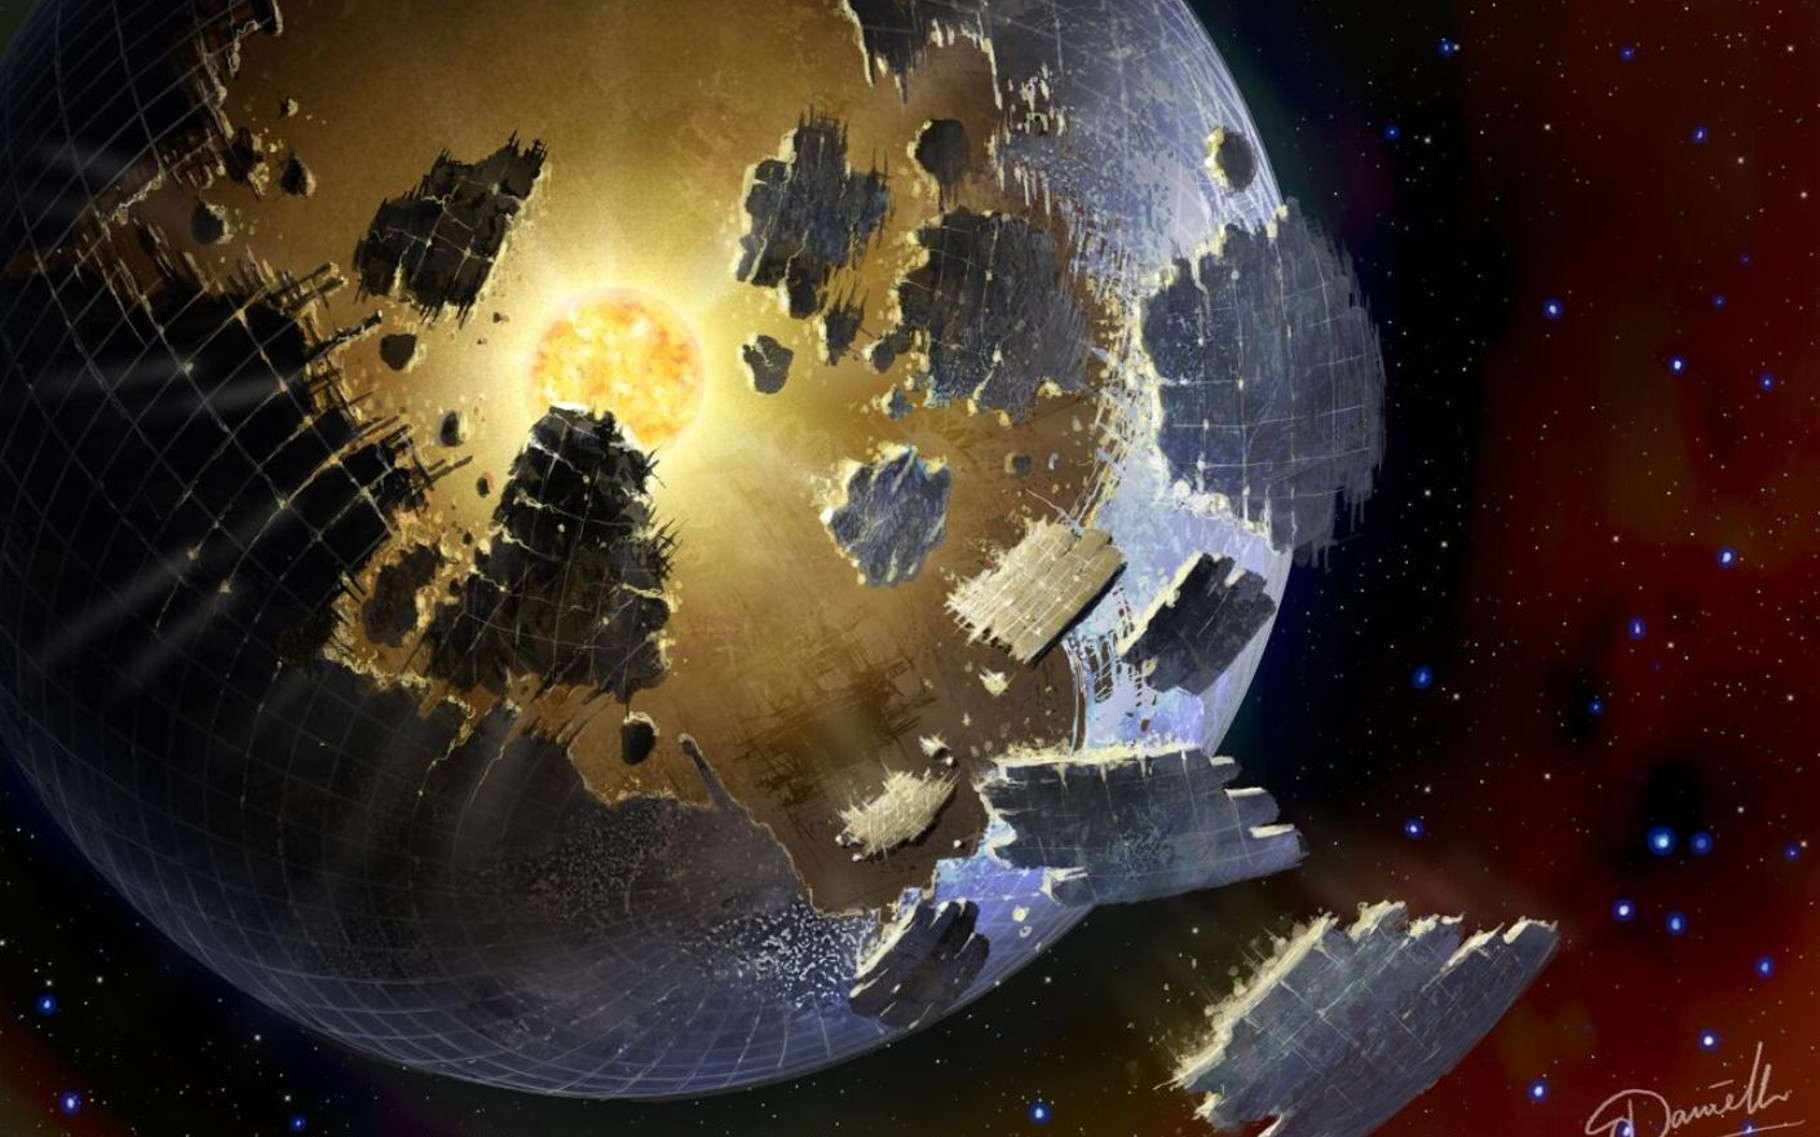 Une vision d'artiste d'une sphère de Dyson en cours de construction (ou en train de se détruire) autour d'une étoile ayant donné naissance à une civilisation technologique gourmande en énergie. © Paul Duffield